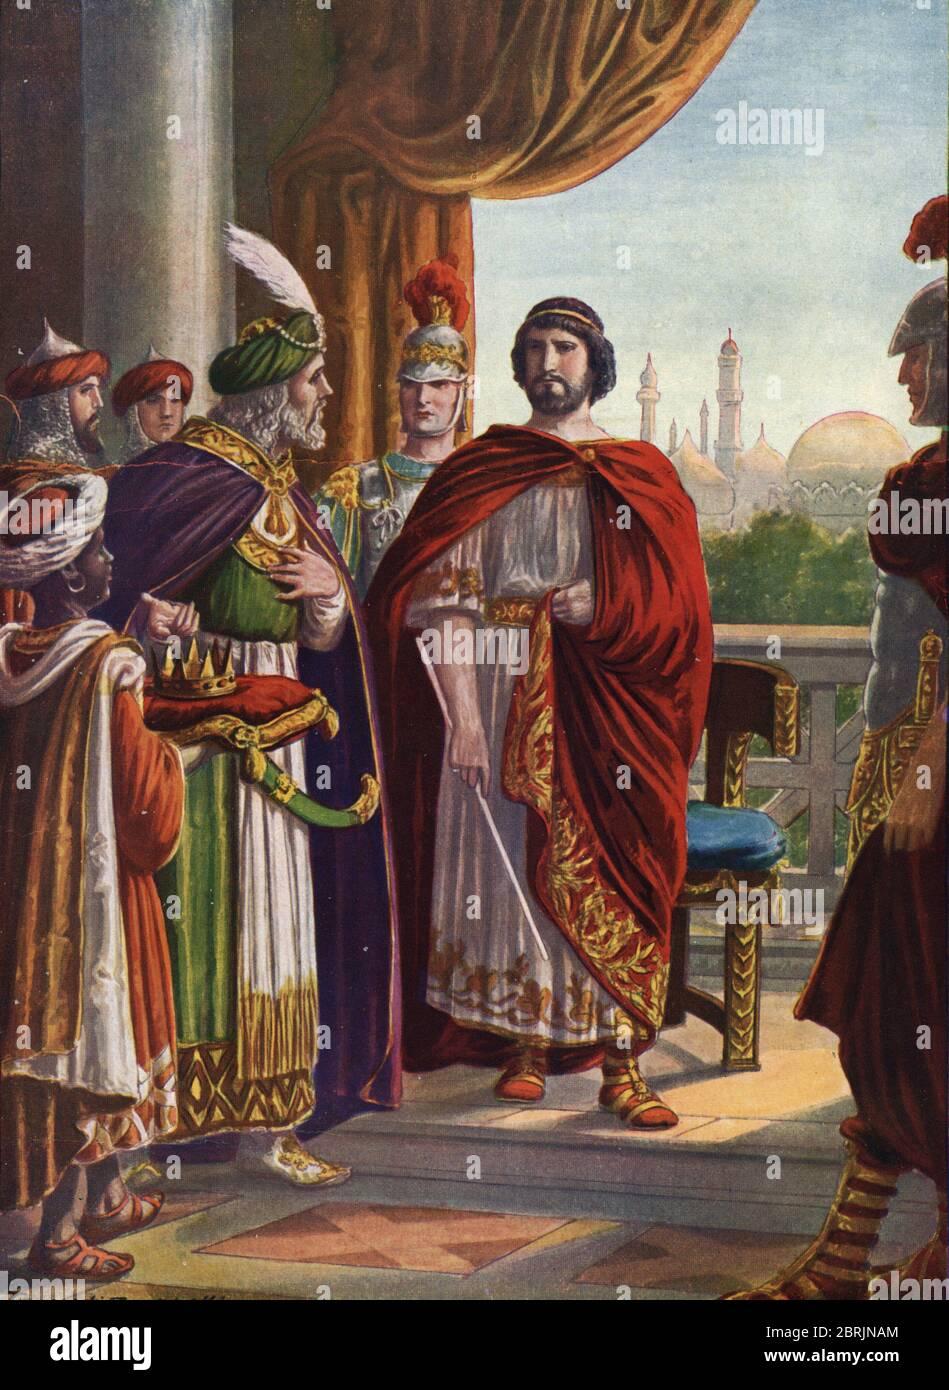 """Antiquite romaine : l'empereur Julien l'apostat (Julien le Philosophe ou Julien II) victorieux du roi de Perse Shapur II en 363 apres JC"""" (Roman emper Stock Photo"""